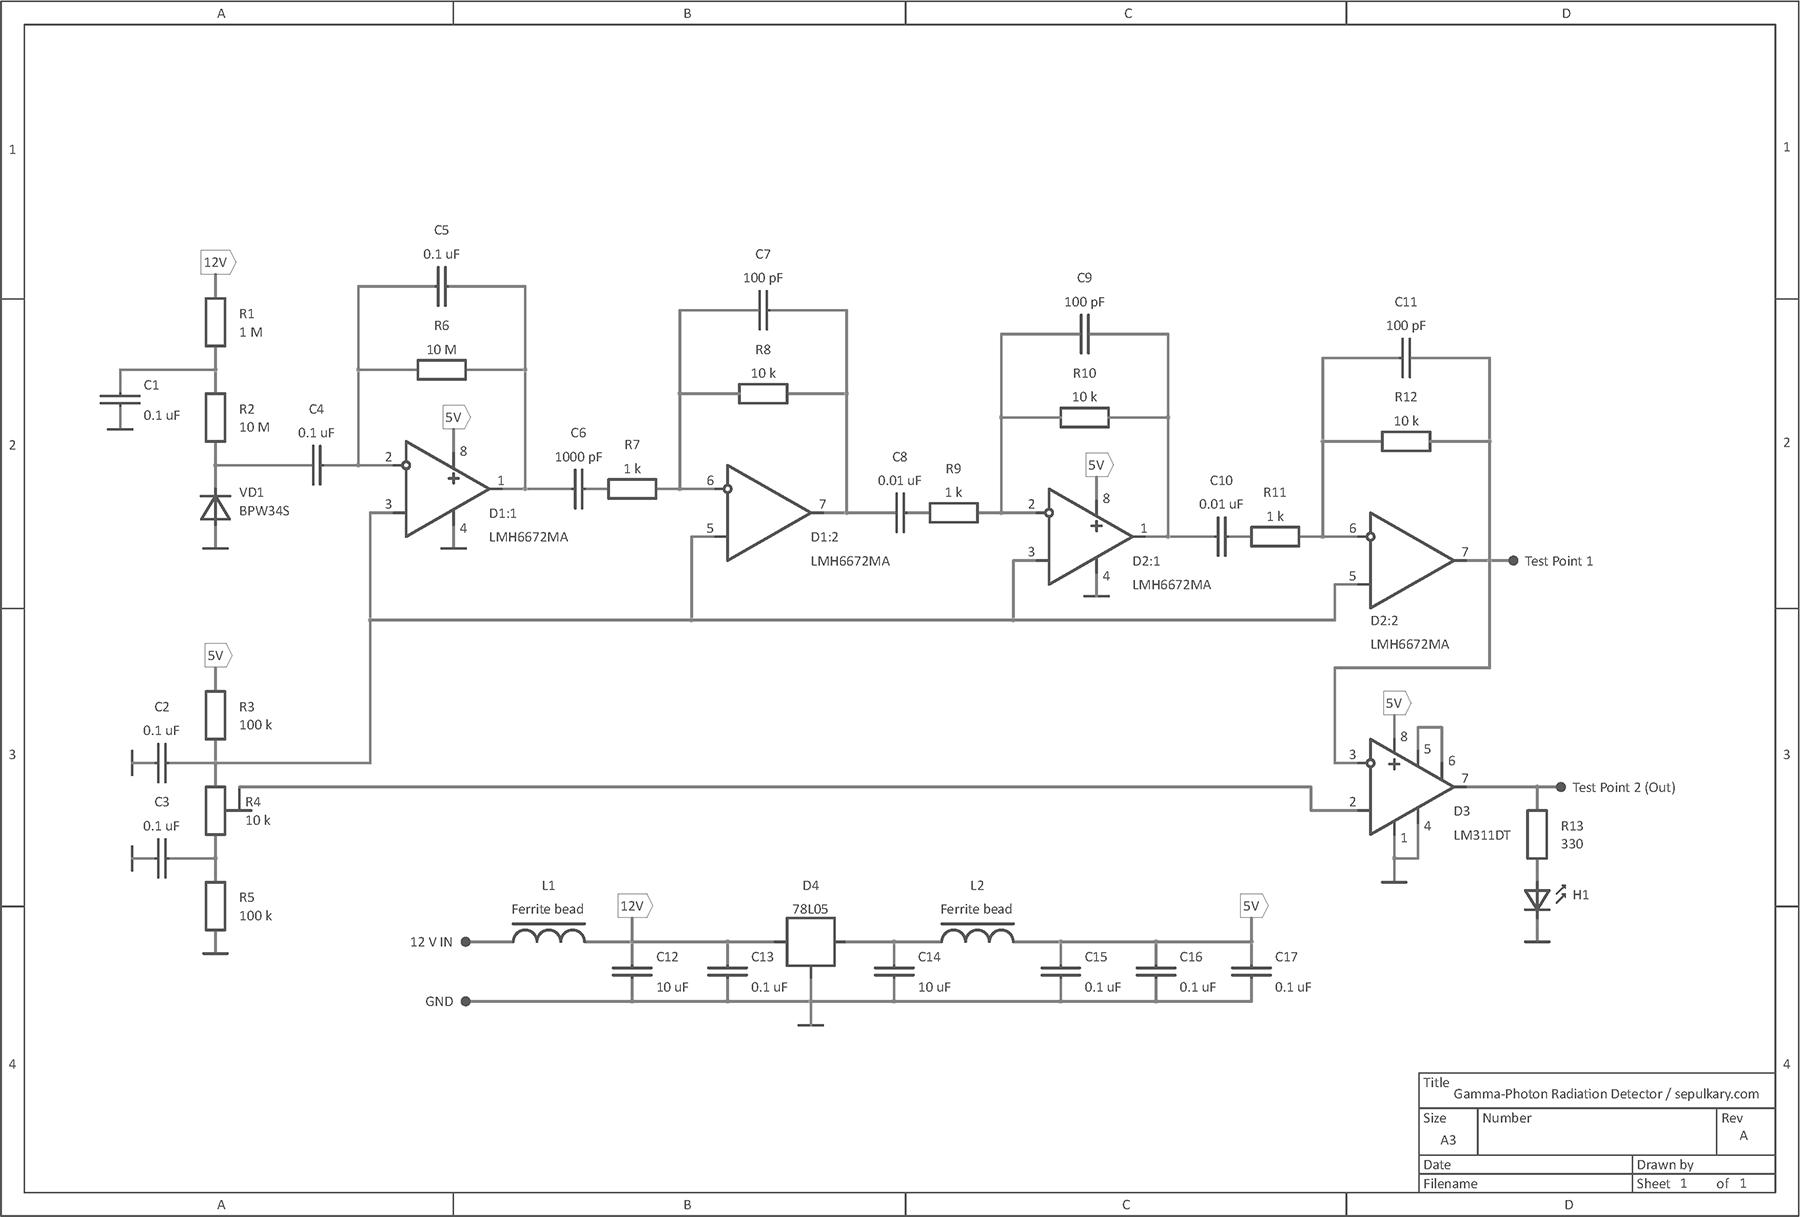 детектор мобильных устройств схема